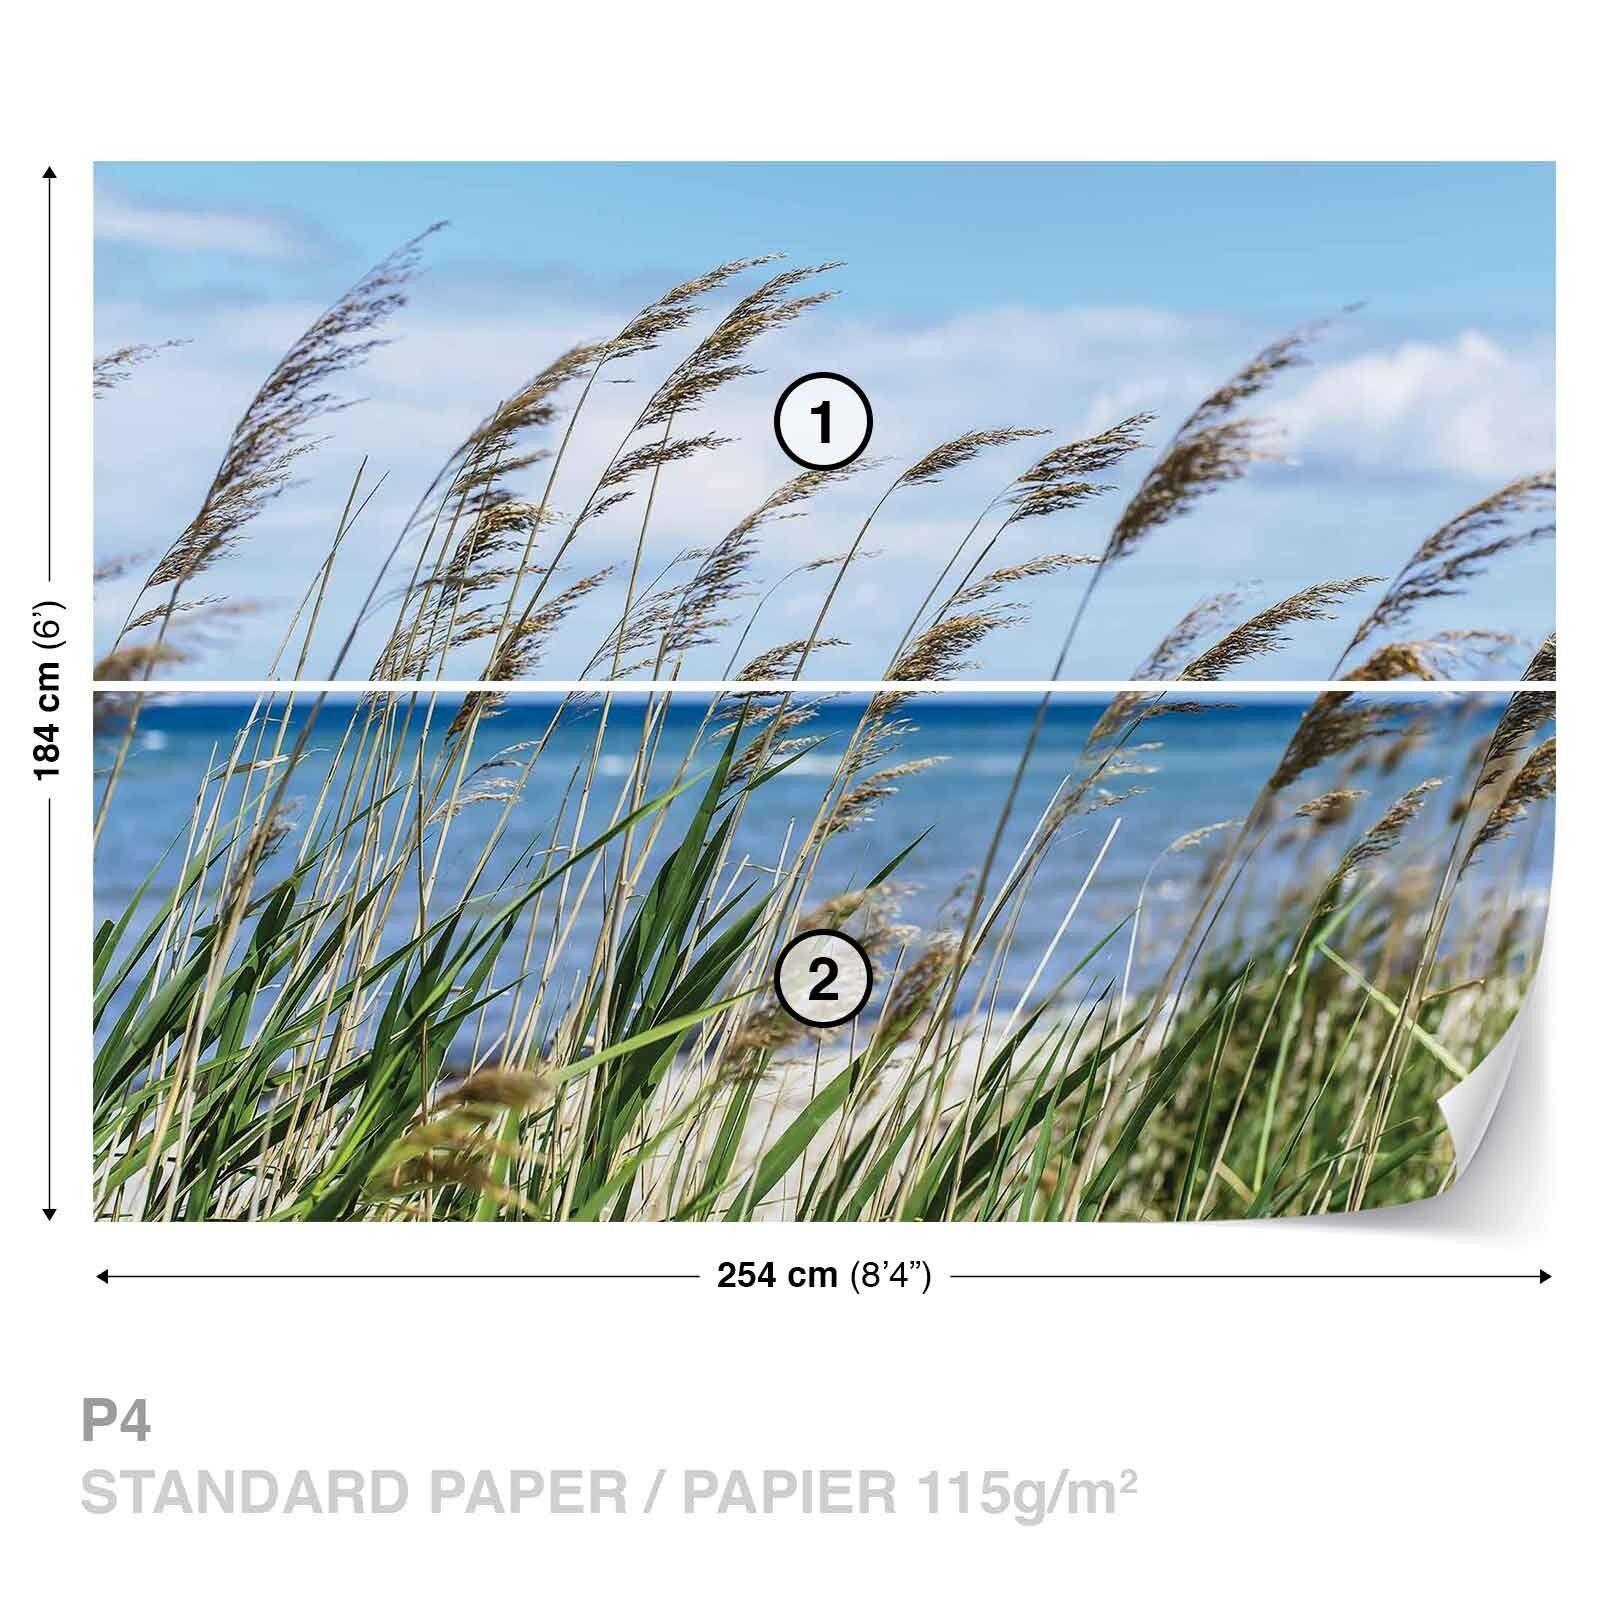 Papier Peint Papier Peint Photo Paysage Naturel Eté Plantes à la la à Plage Mer Sky 3a9620